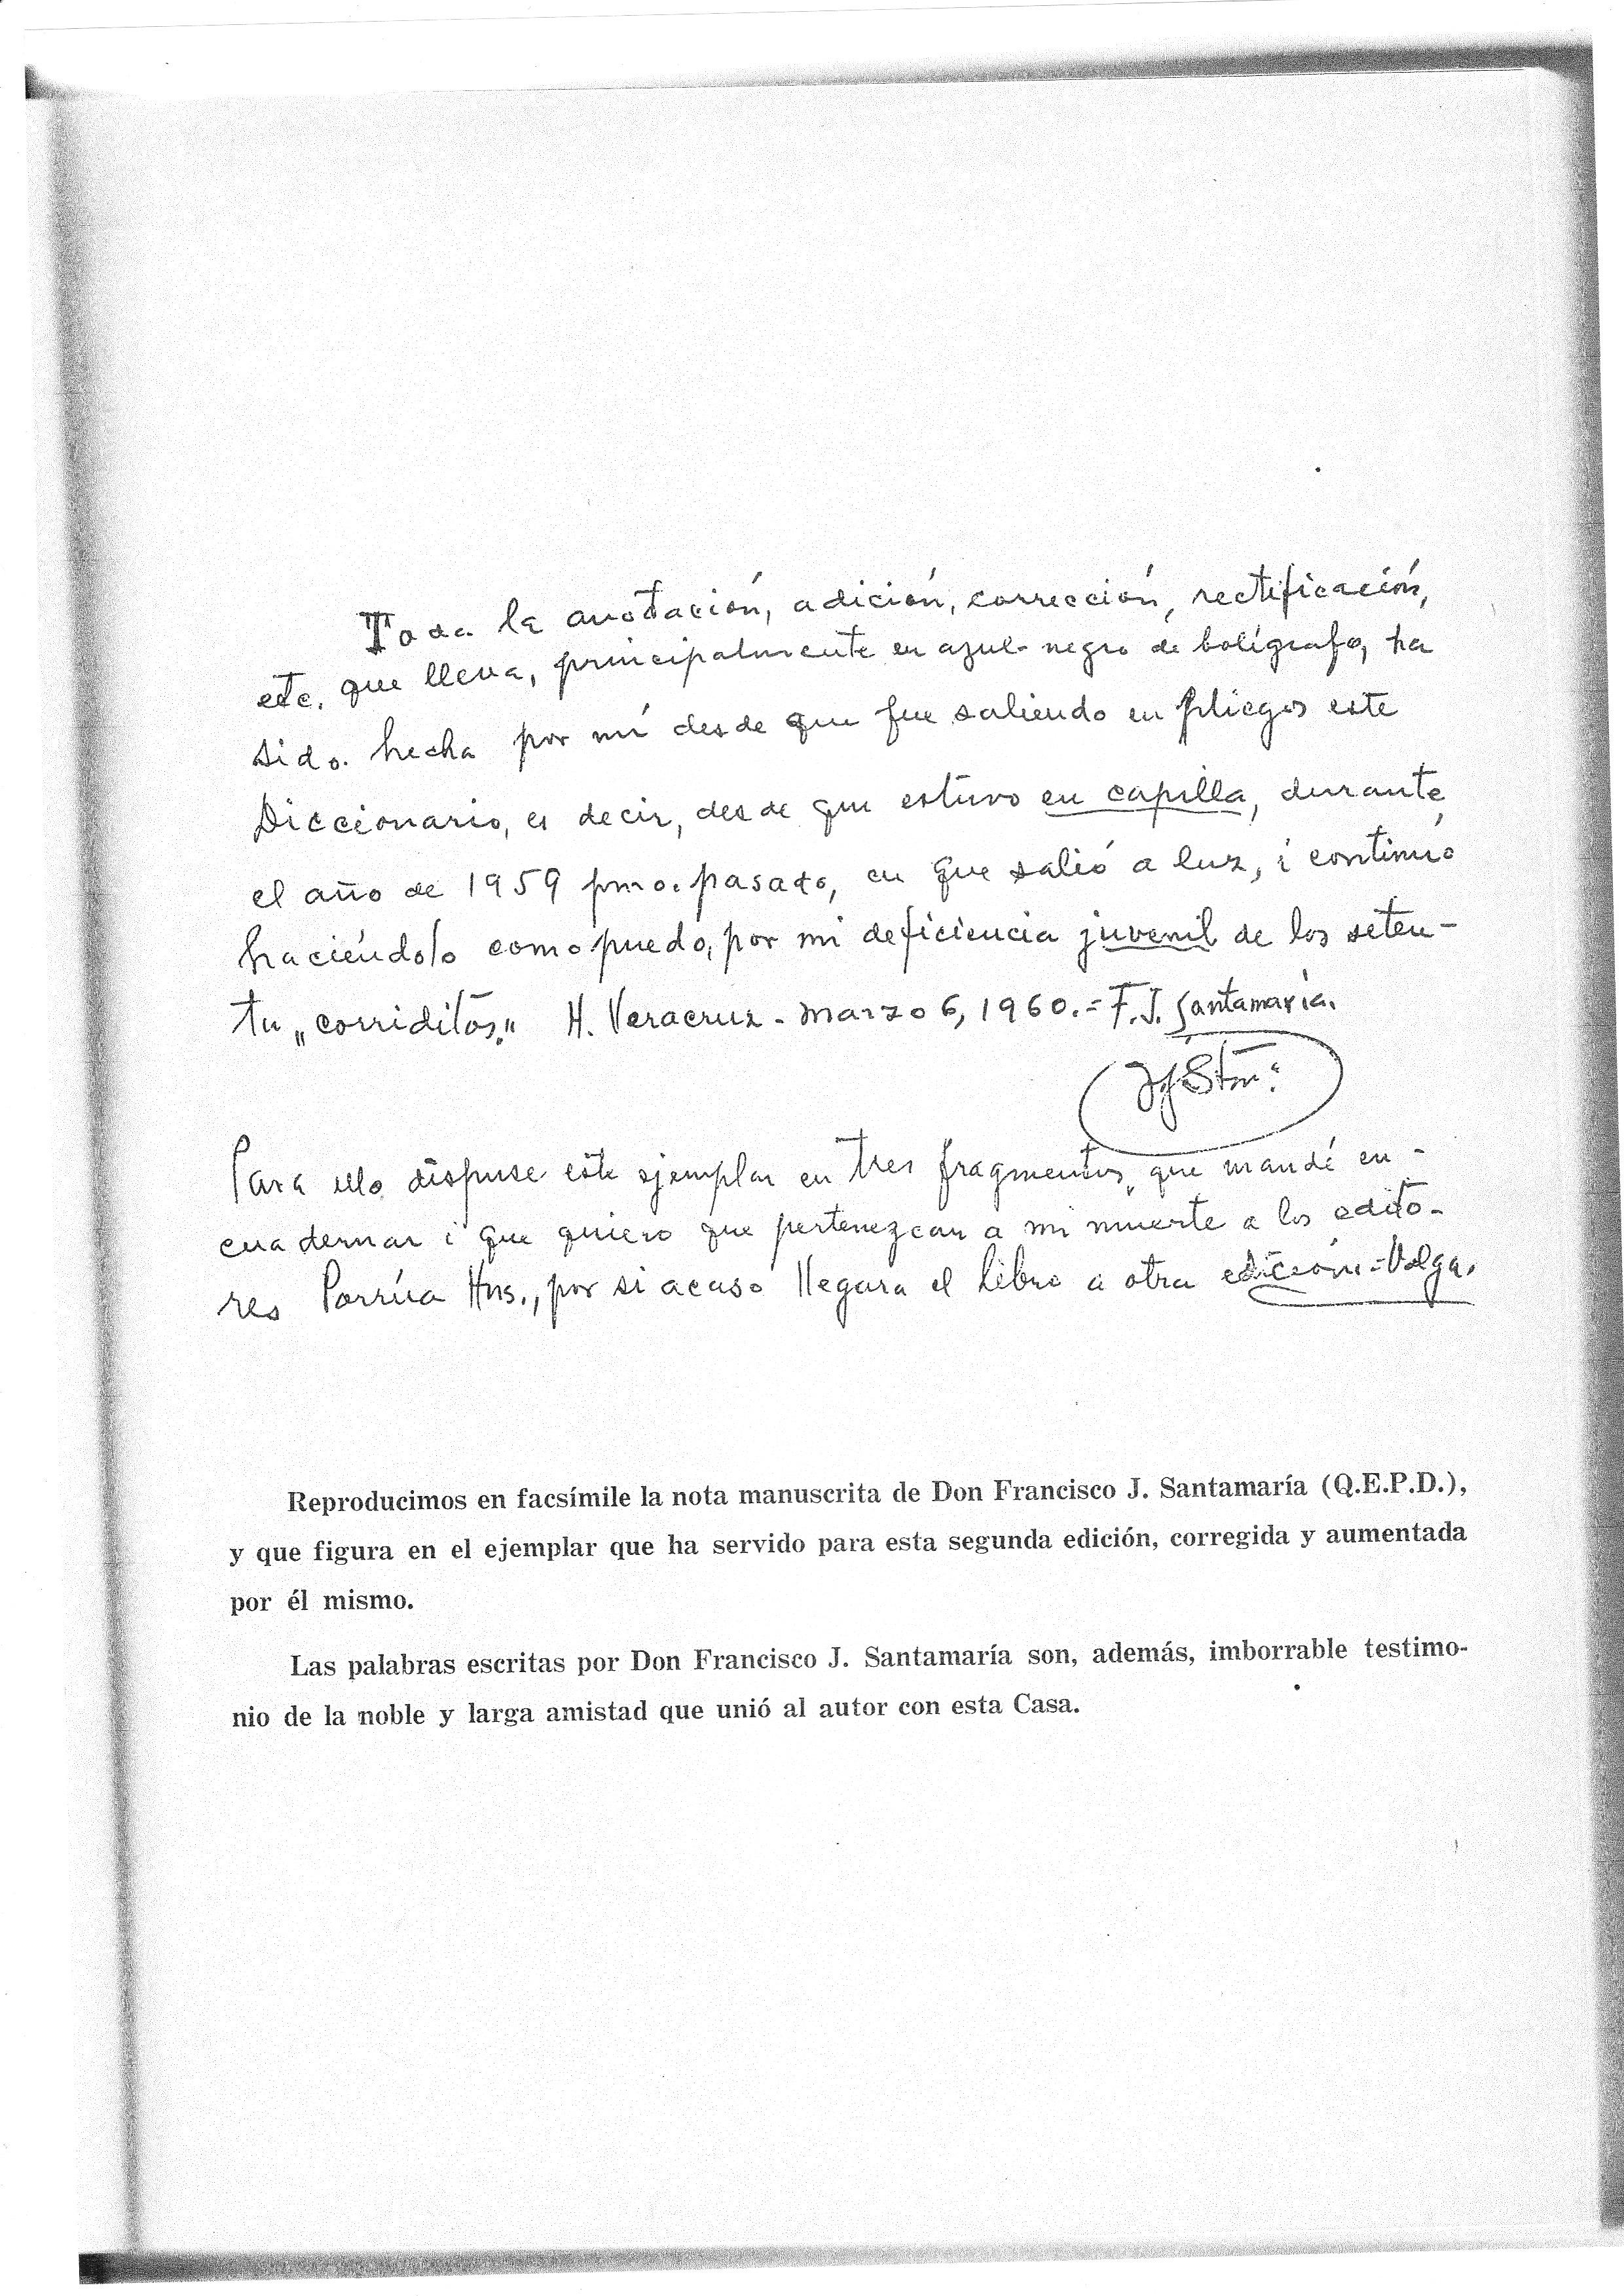 lettre autographe de Santamaria servant de préface à notre édition